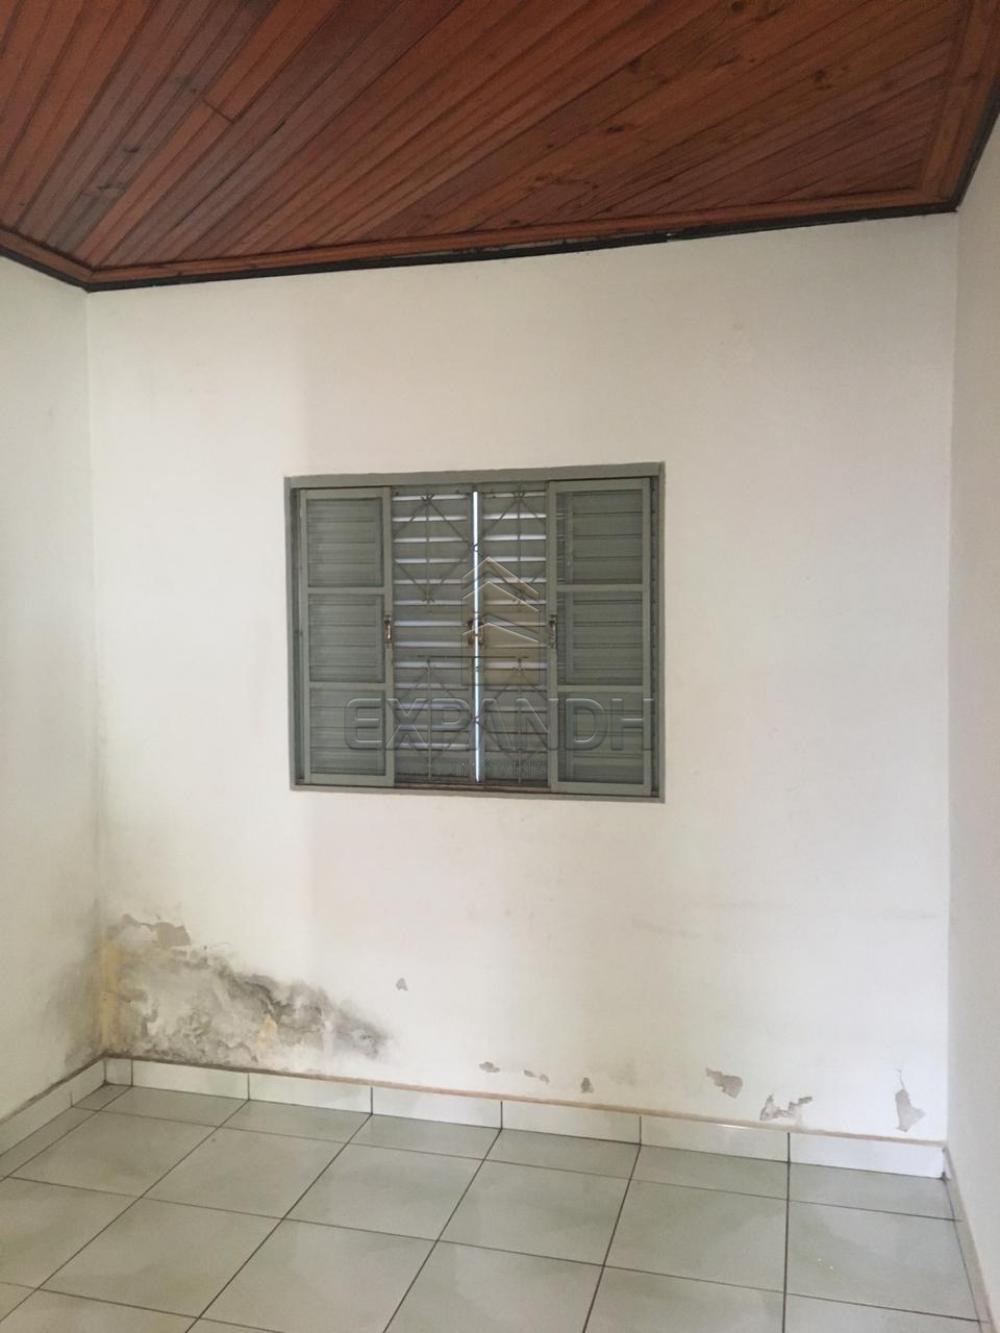 Alugar Casas / Padrão em Sertãozinho apenas R$ 900,00 - Foto 26